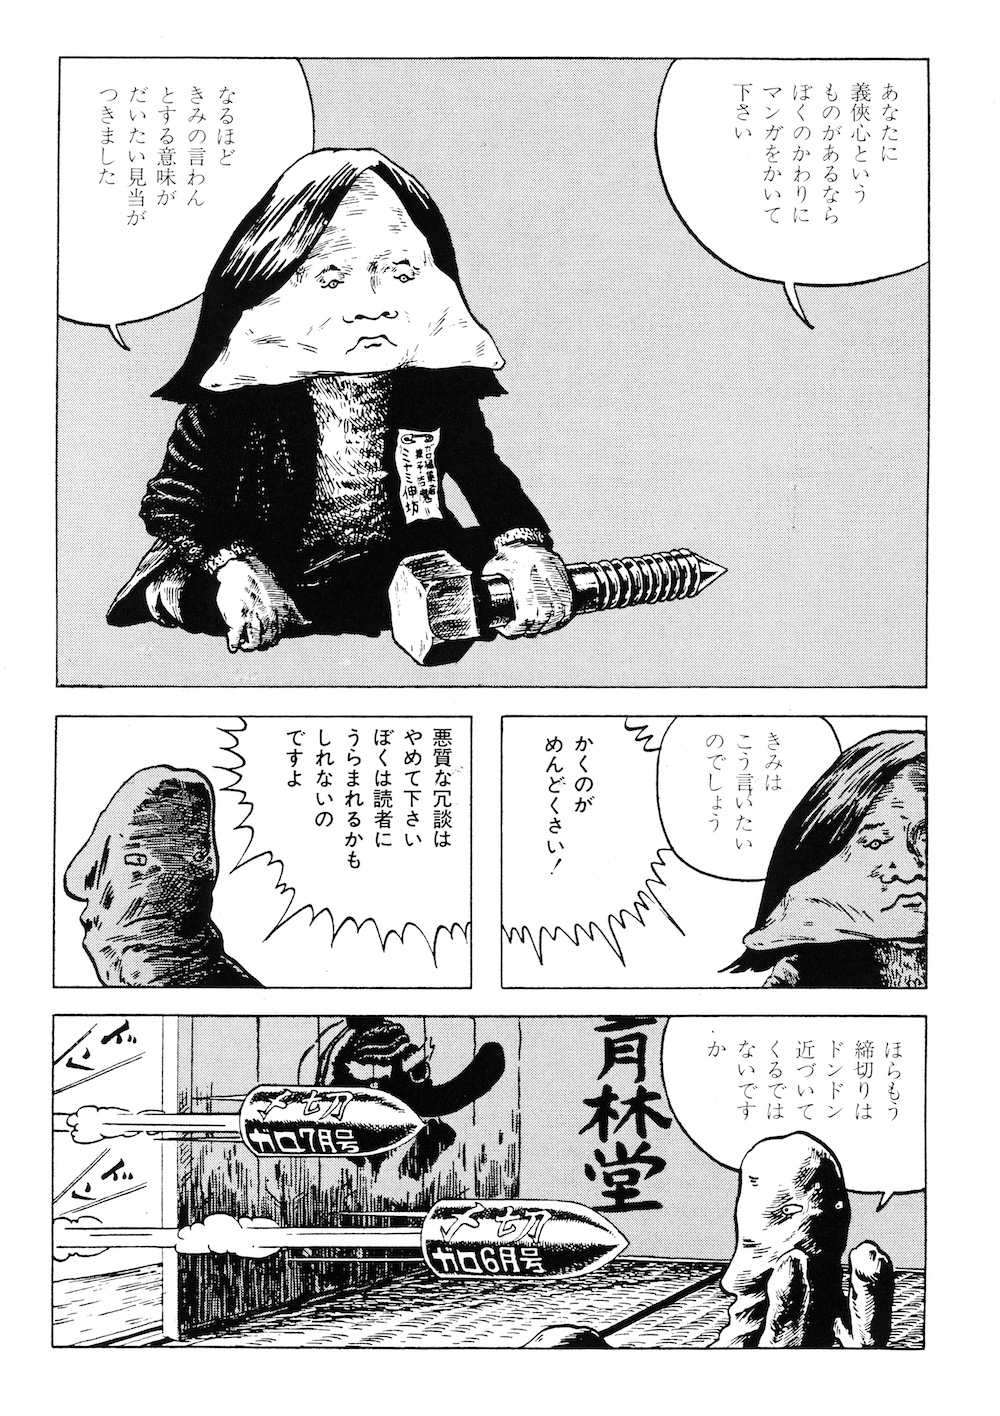 9-2_赤瀬川原平_おざ式_500